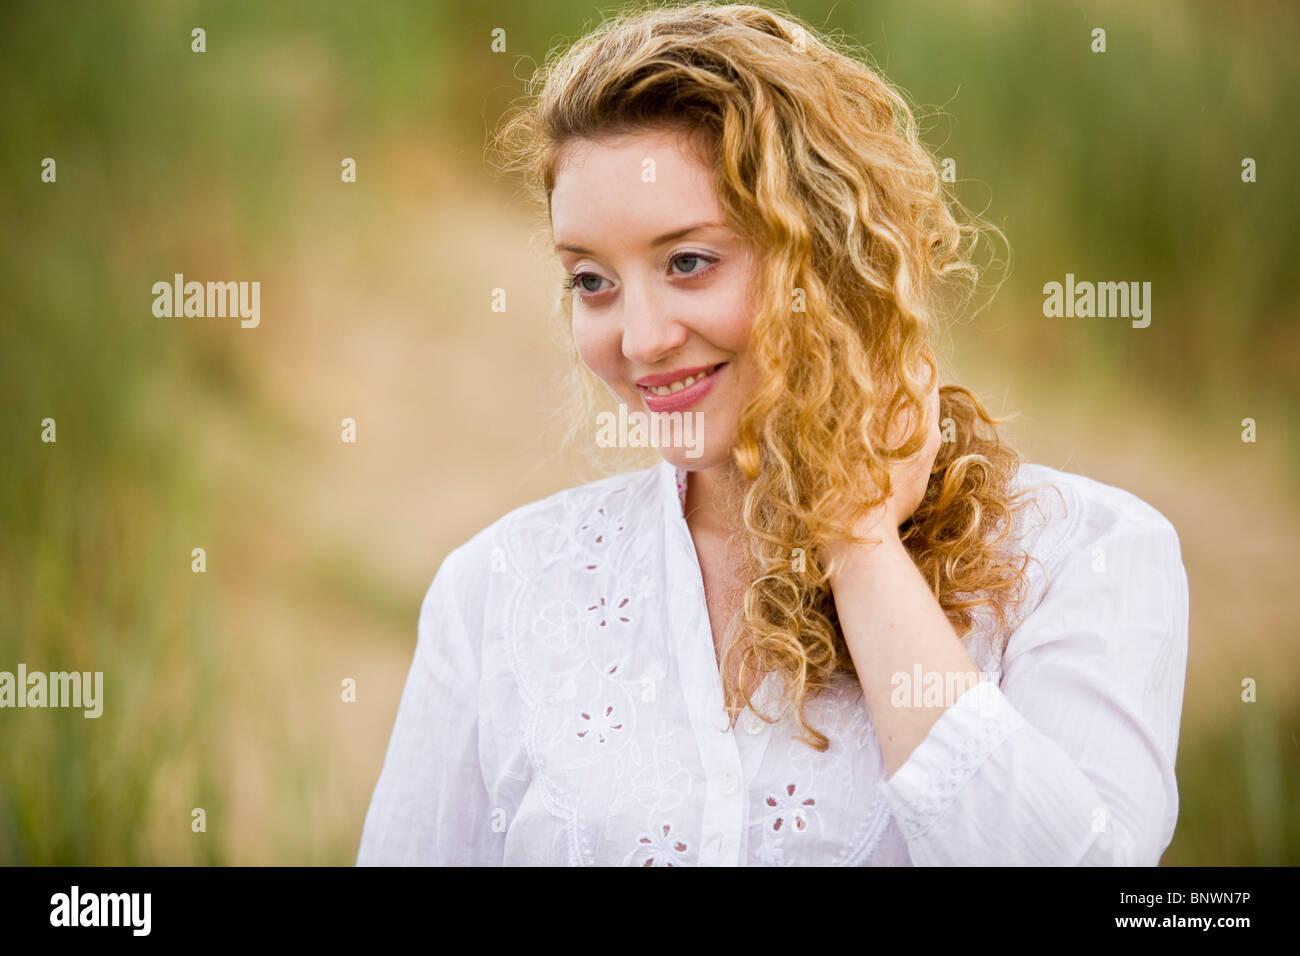 Porträt von attraktiven Frau im freien Stockbild